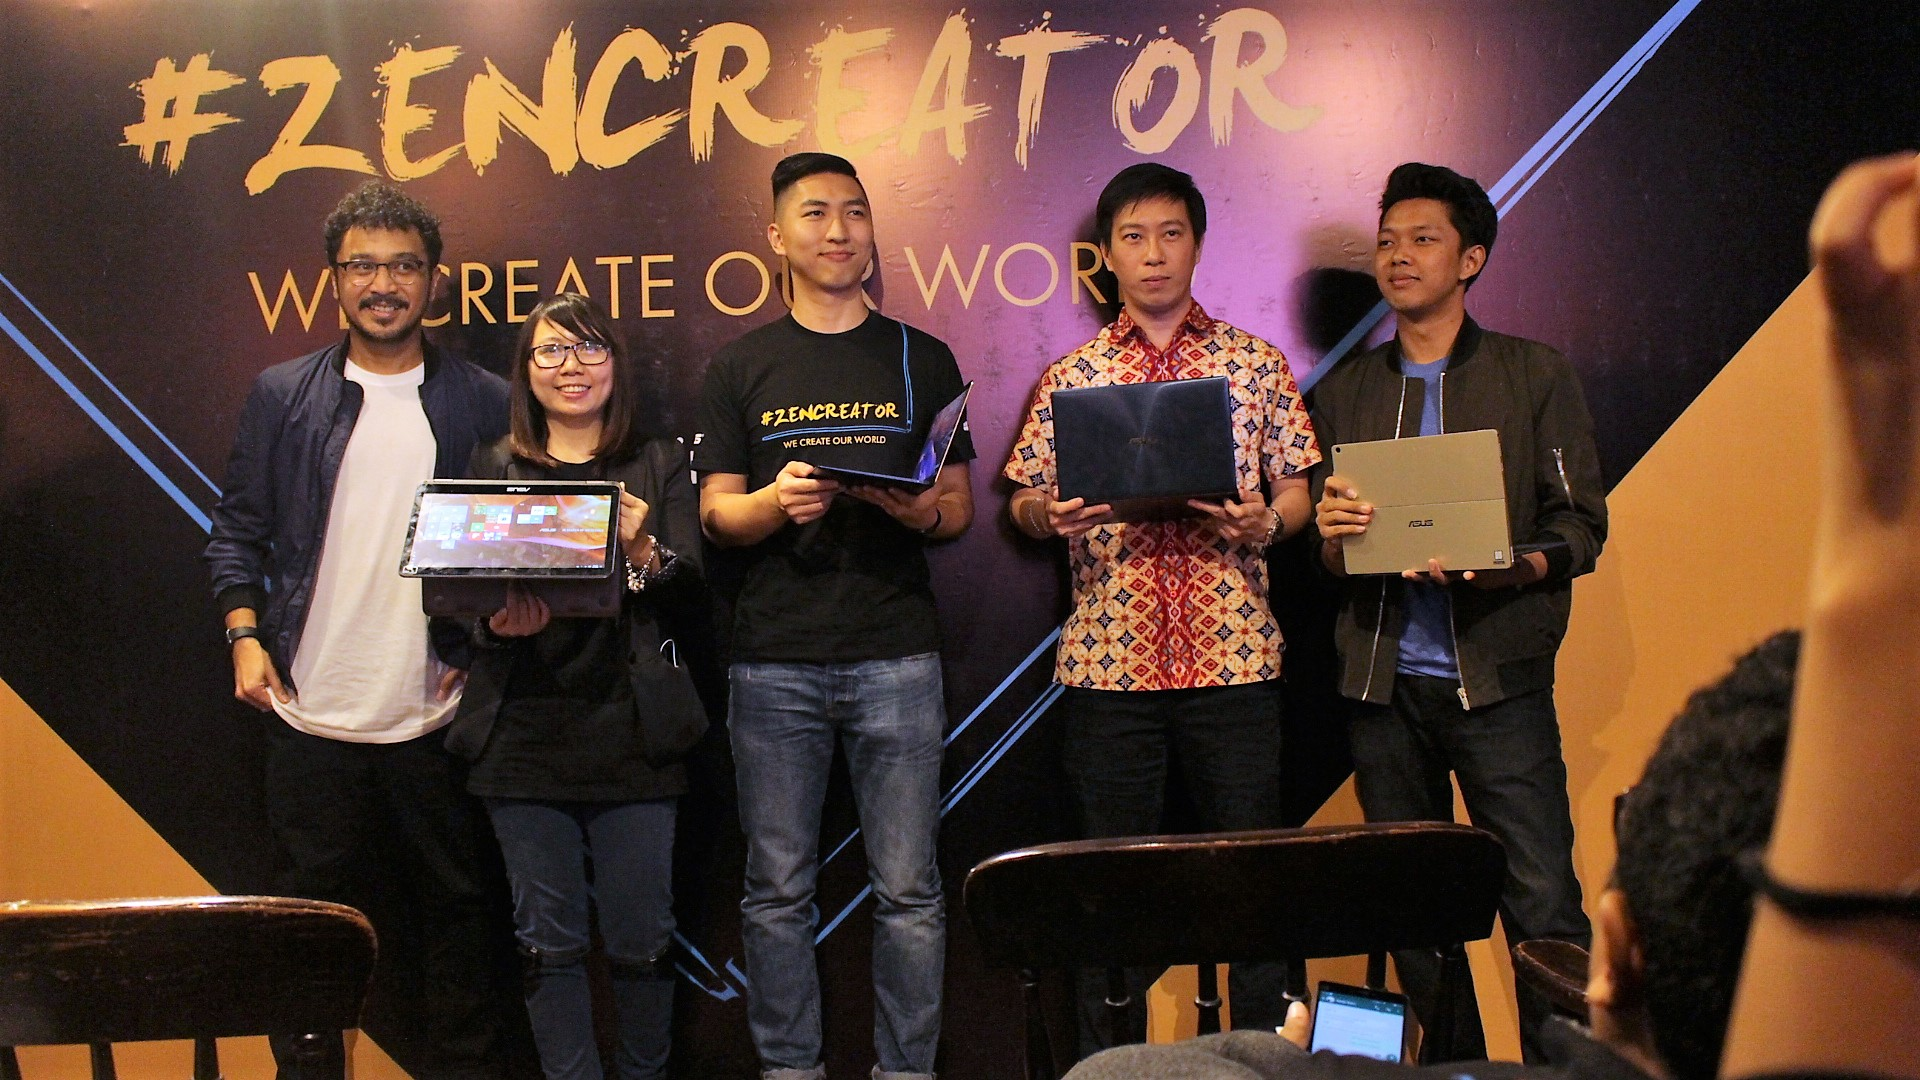 Asus Zenbook di ZenCreator FI PCN